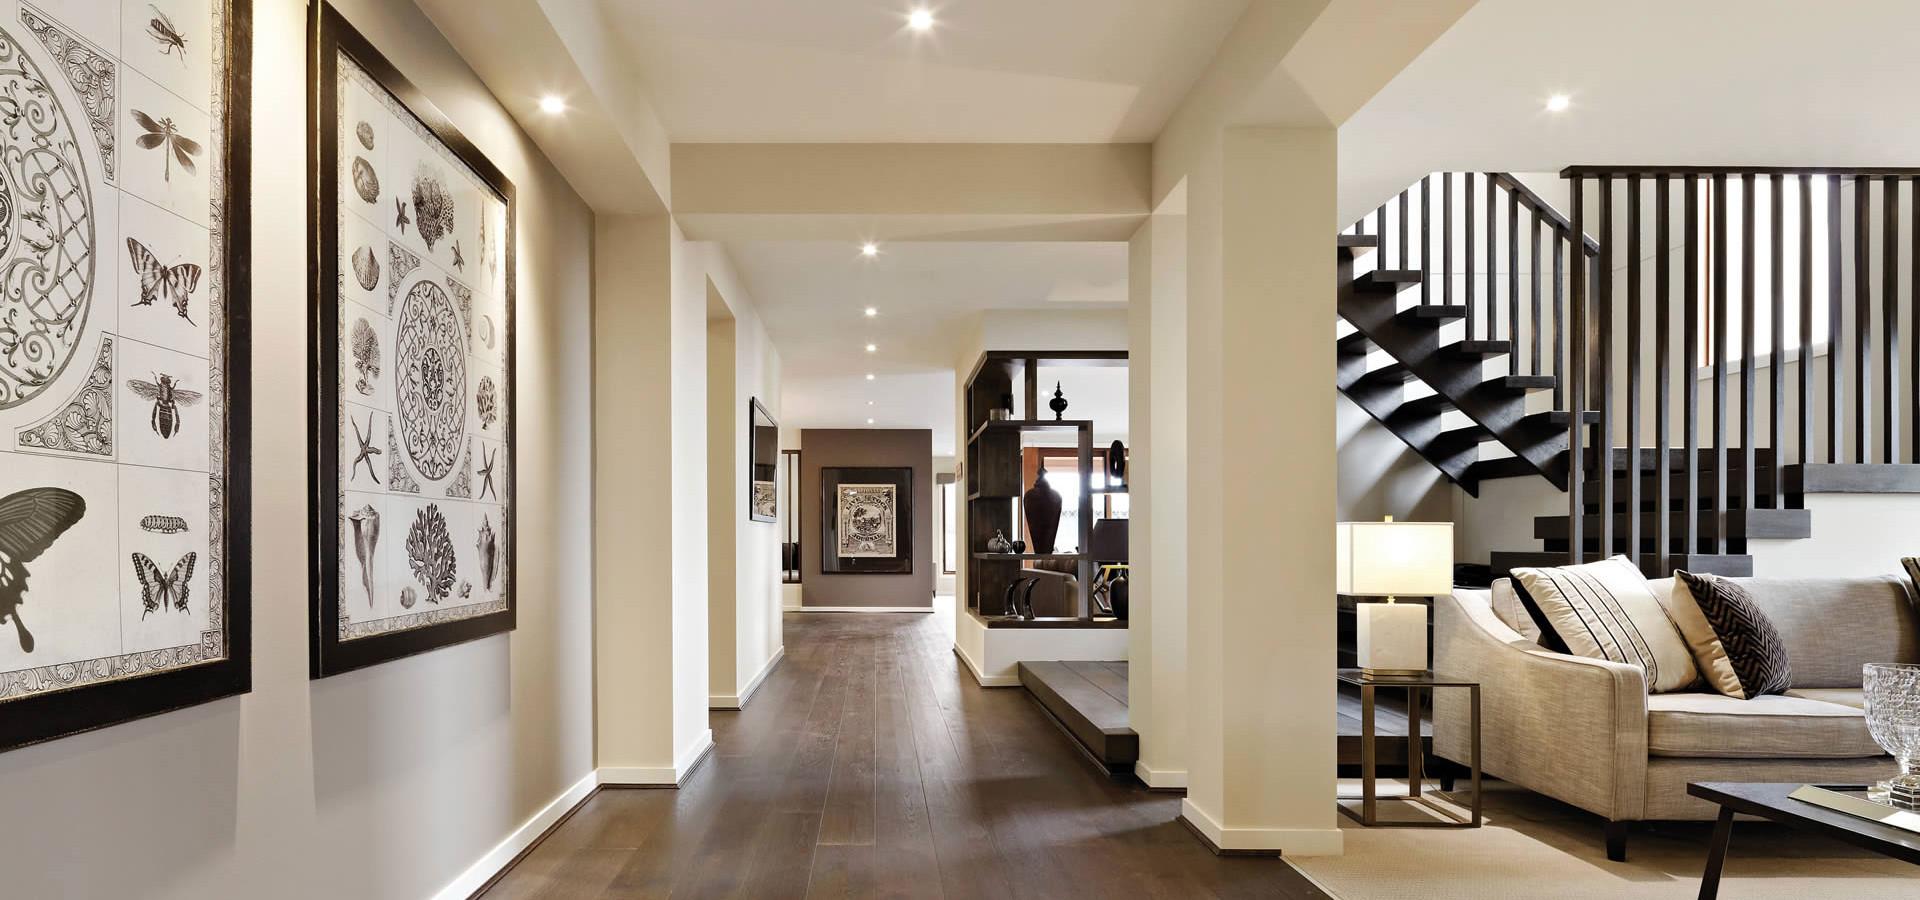 Een gezellige entree in huis zorgt voor een warm welkom sfeer en living - Entree eigentijds huis ...